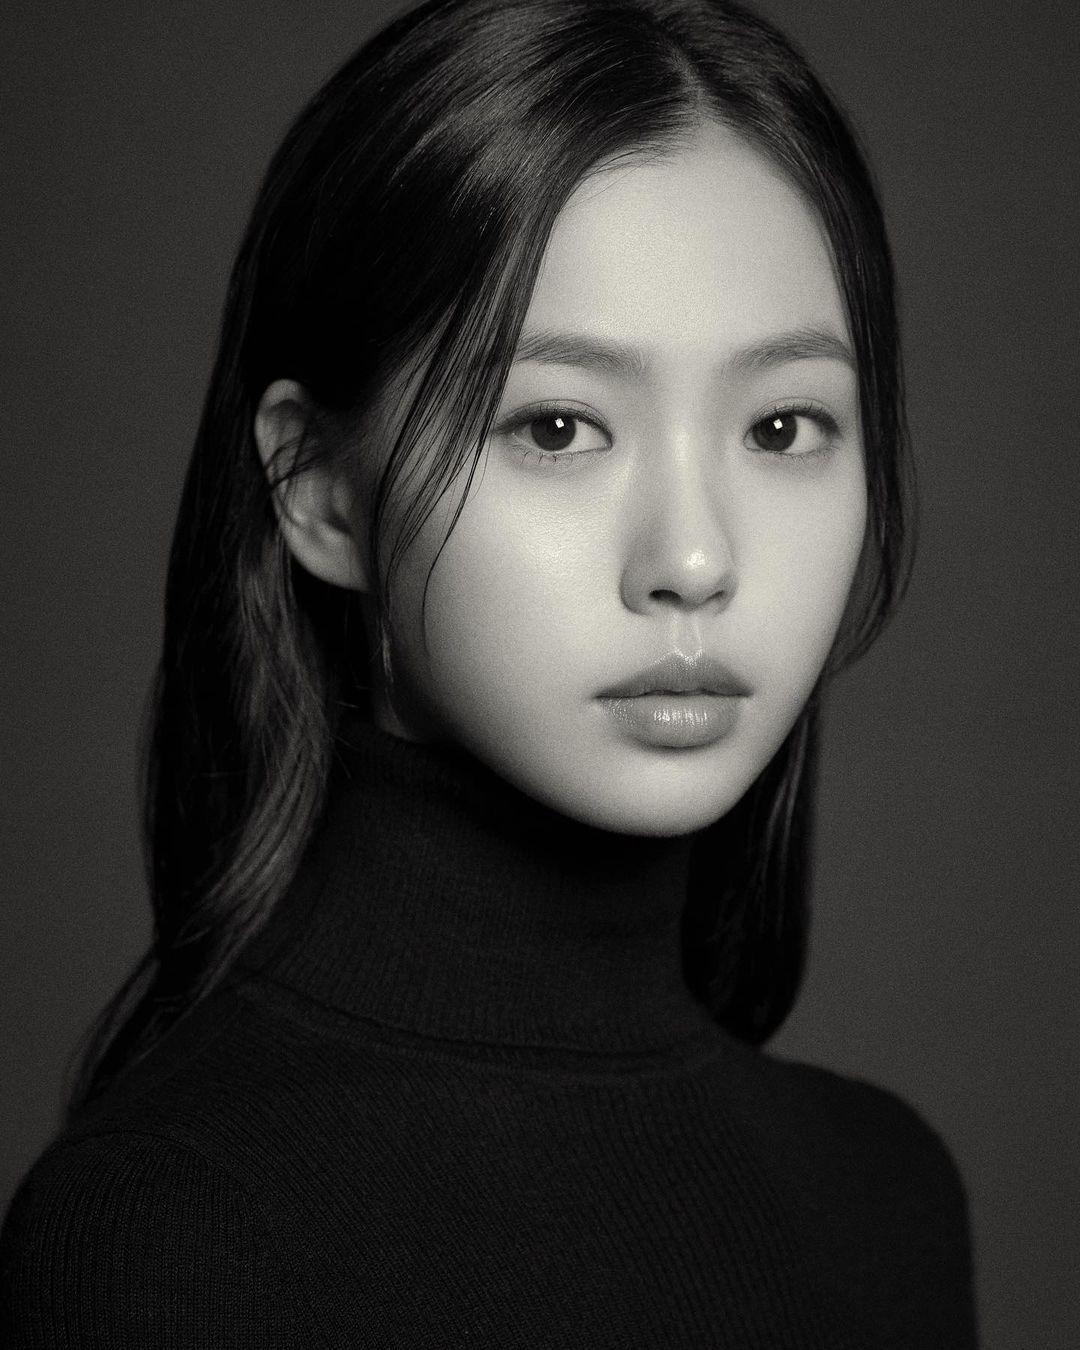 韩剧《甜蜜家园》女版F4!这4位女演员引热议,不仅有颜值还有演技!插图6